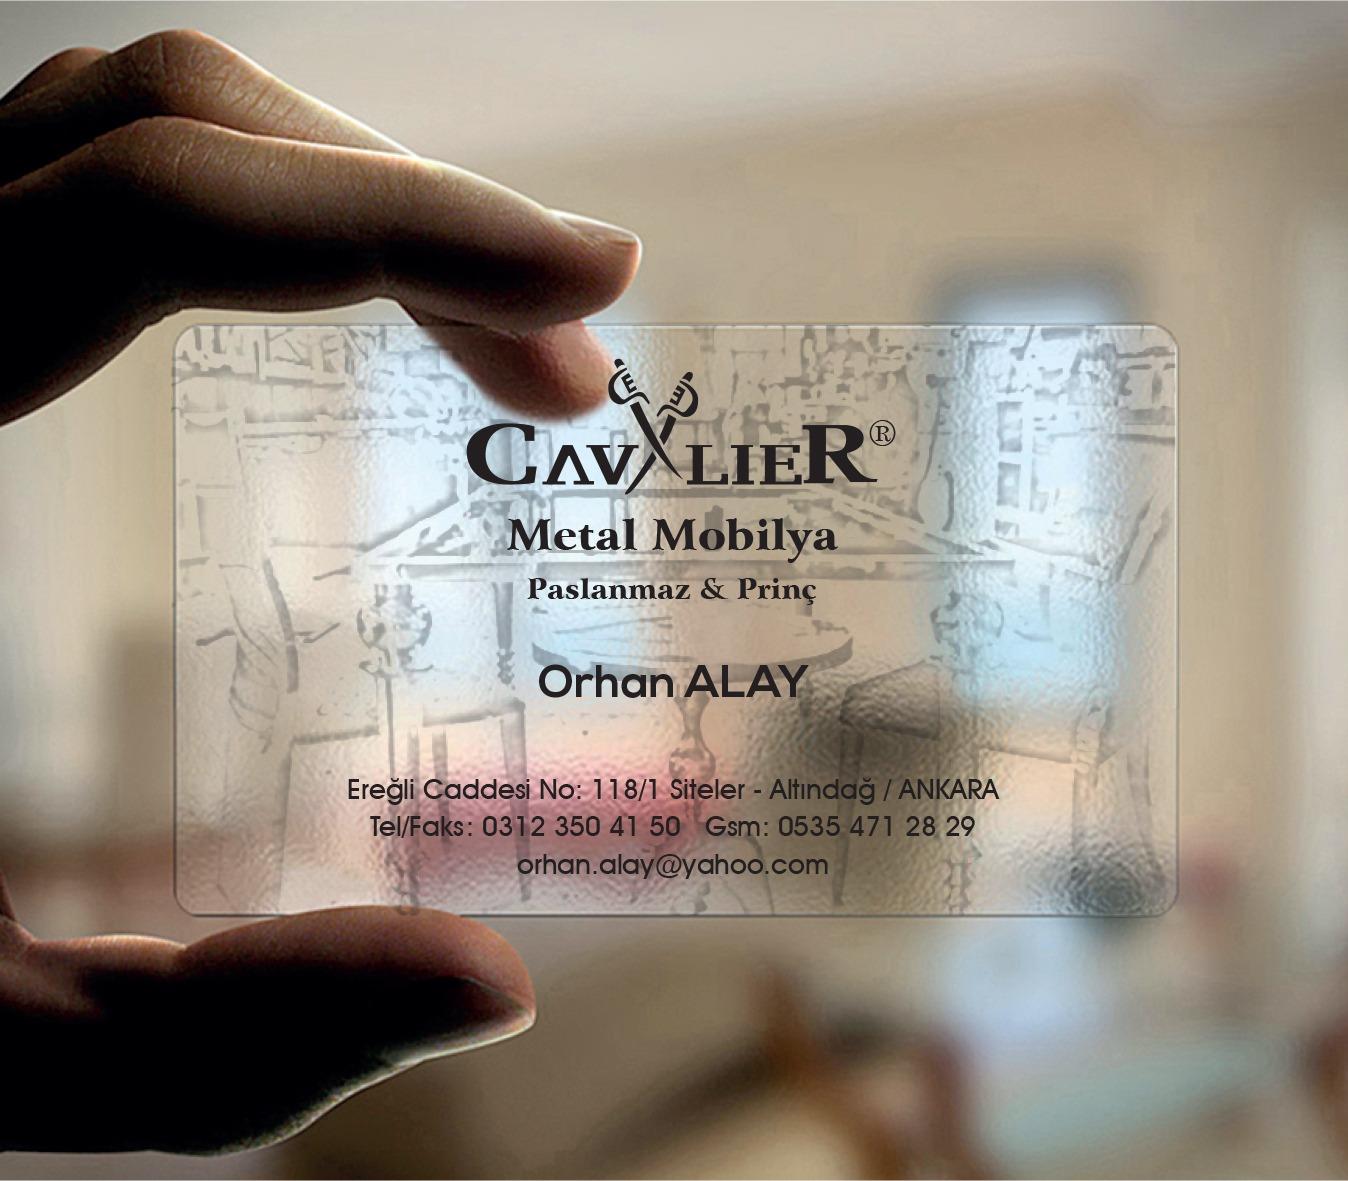 Cavalier Metal Mobilya Şeffaf Kartvizit Tasarımı